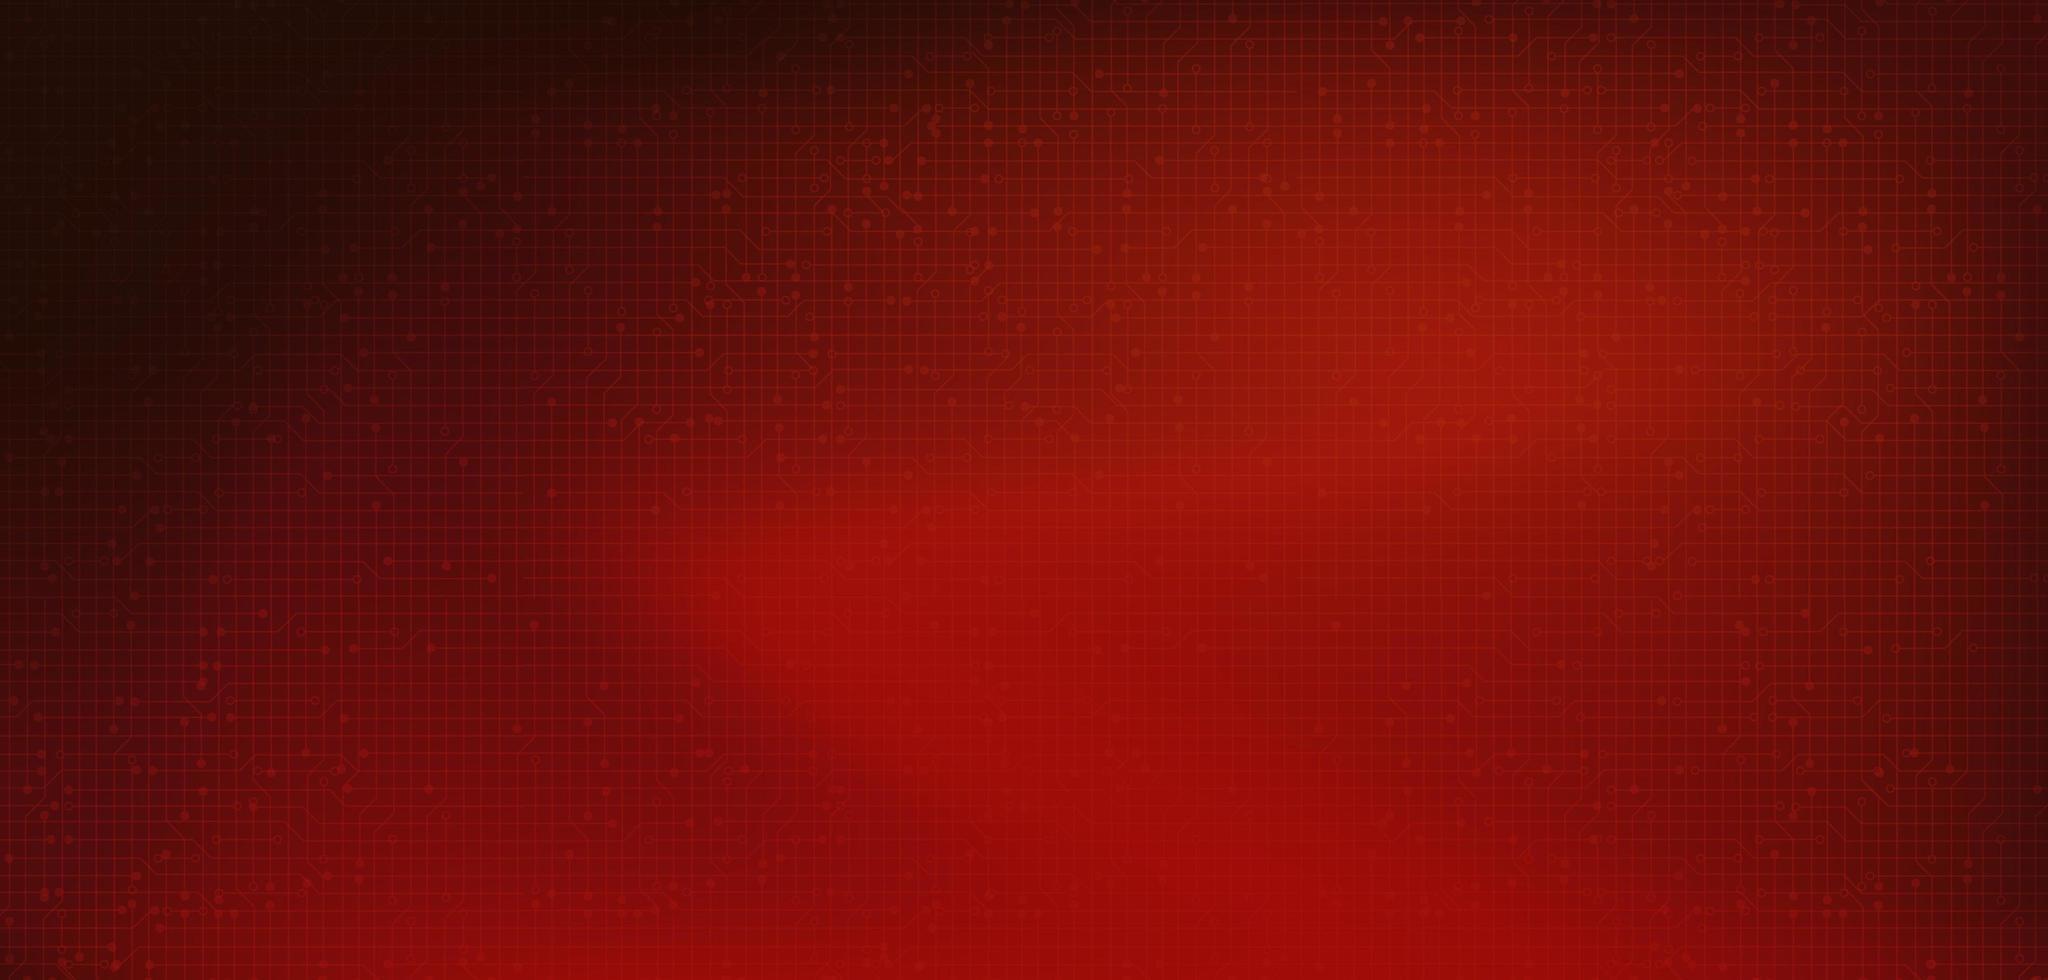 tecnologia del microchip del circuito rosso su sfondo futuro, design digitale hi-tech e velocità vettore